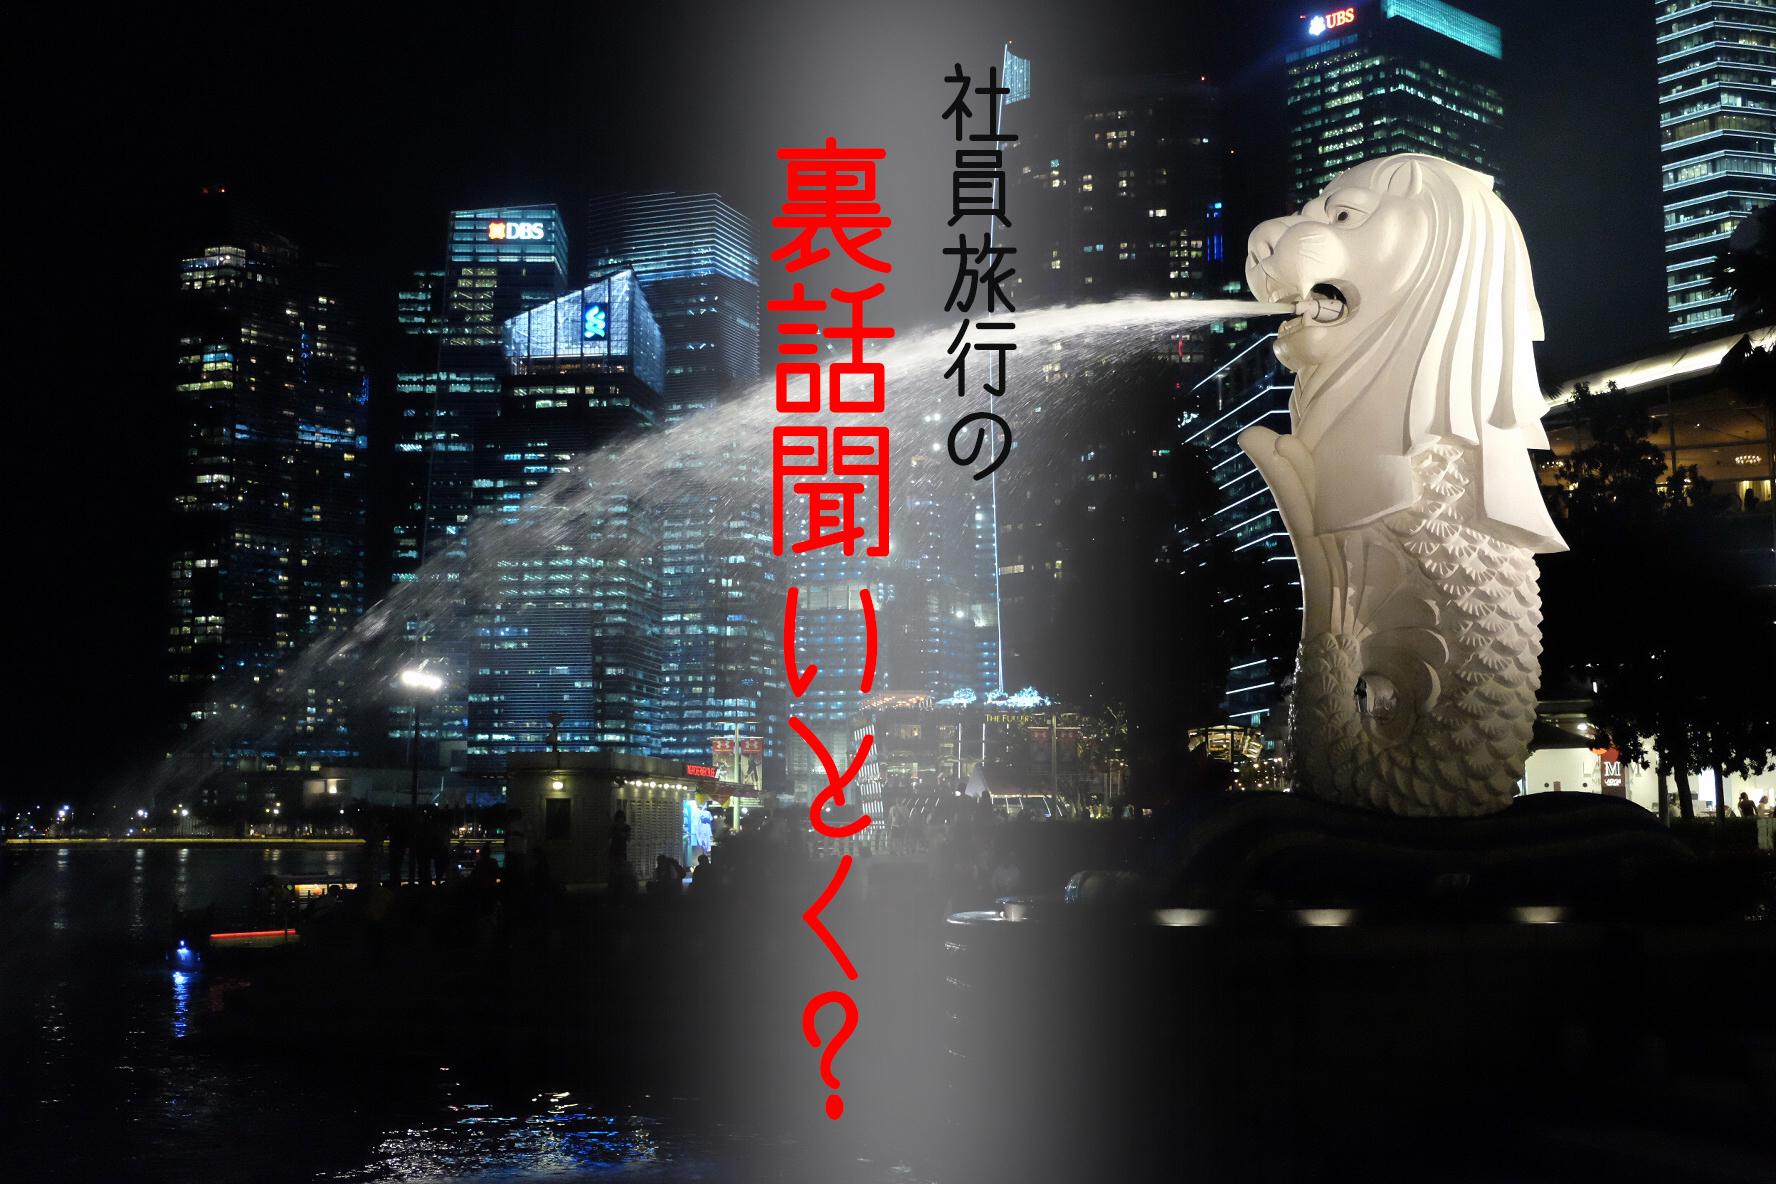 【告知】いよいよ今夜「佐藤雄樹の別に危なくないラジオ」の初回放送です。